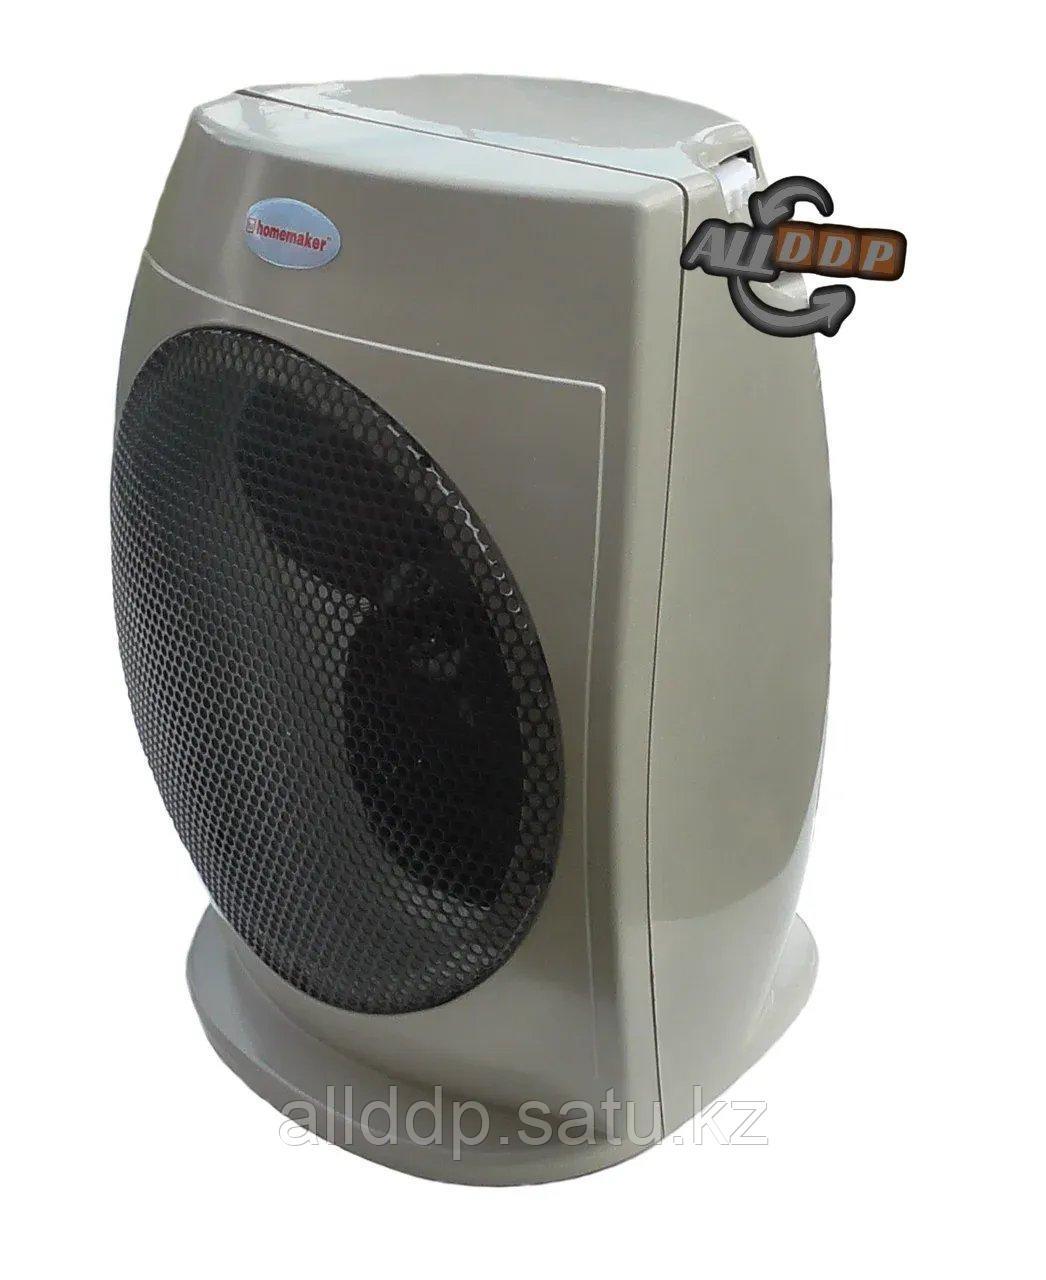 Тепловентилятор Вертикальный Homemaker hw-203